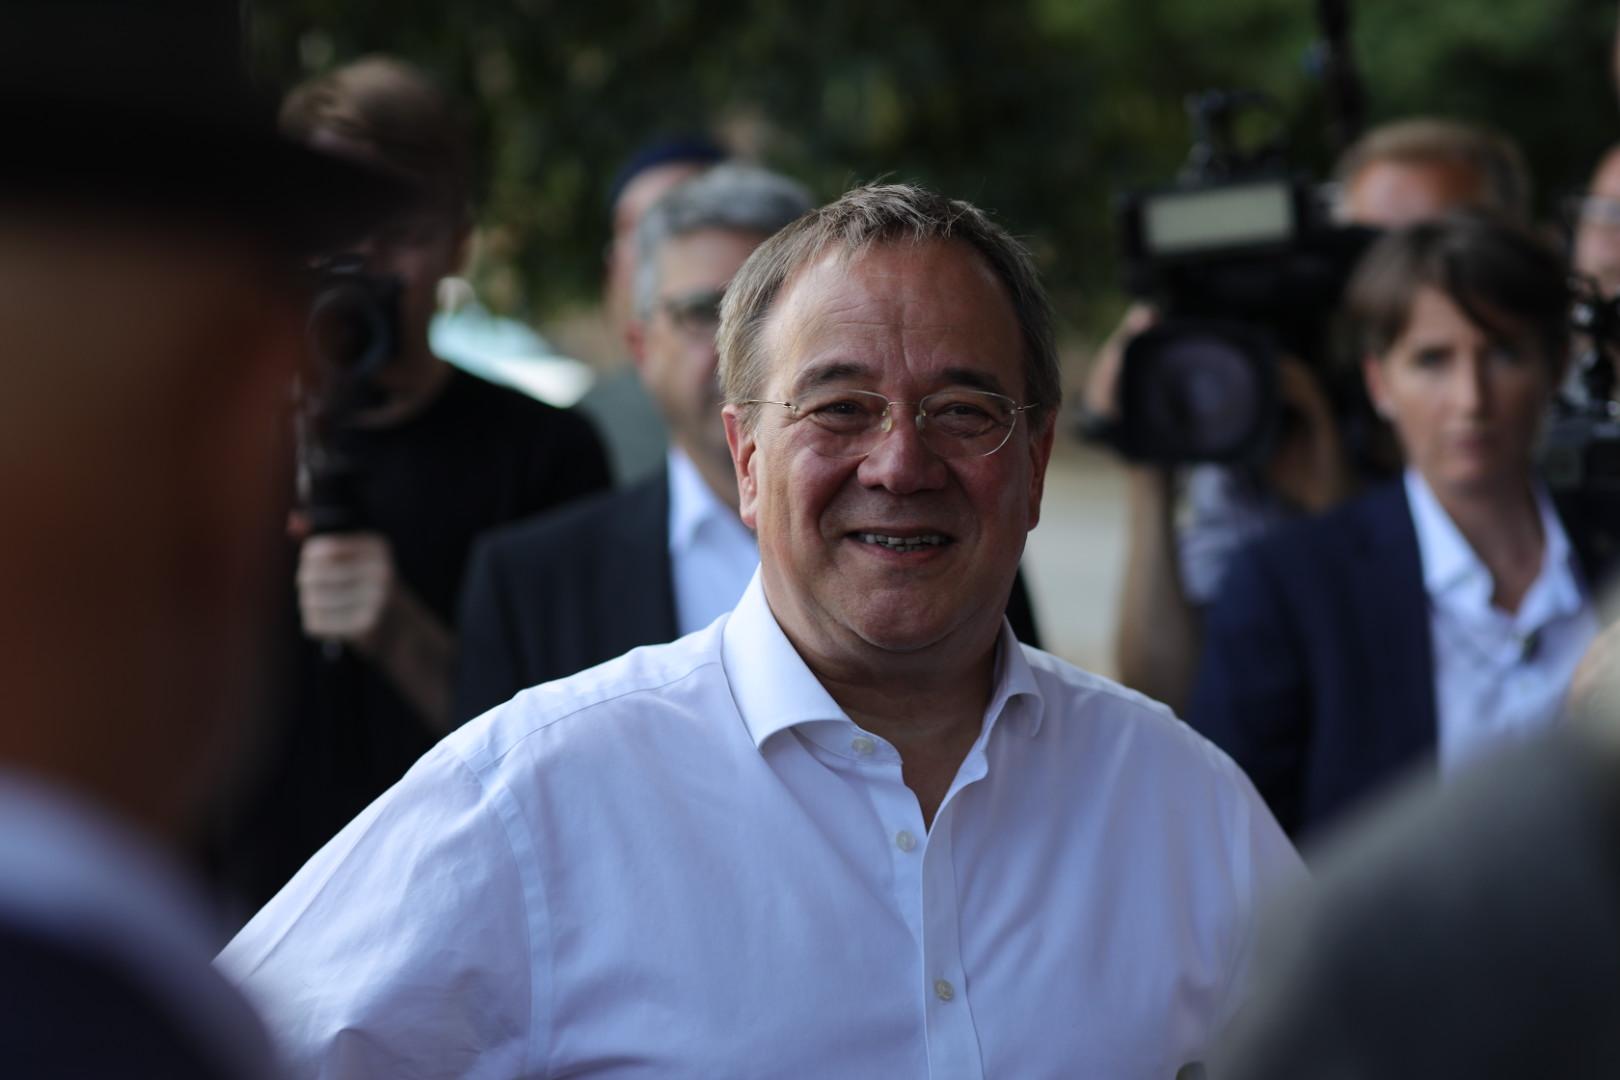 Unions-Kanzlerkandidat Armin Laschet am 12. August 2021 in Torgau am Elbufer